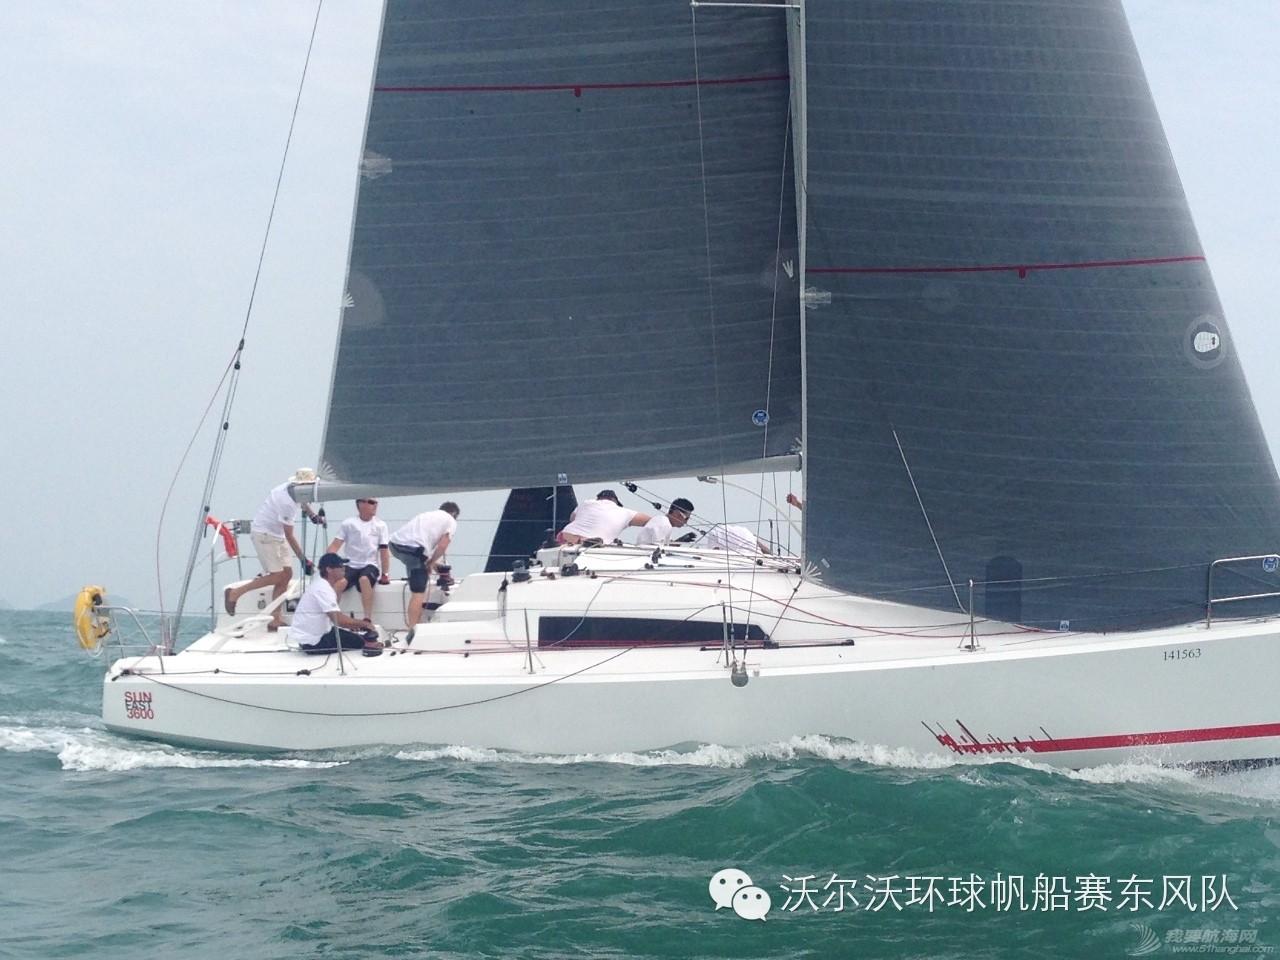 中国船员,沃尔沃,落下帷幕,经销商,去哪儿 #东风队去哪儿了?#亚诺环中国海岸帆船赛不见不散 4048b1a2b41ef54032ccf930a4cde170.jpg